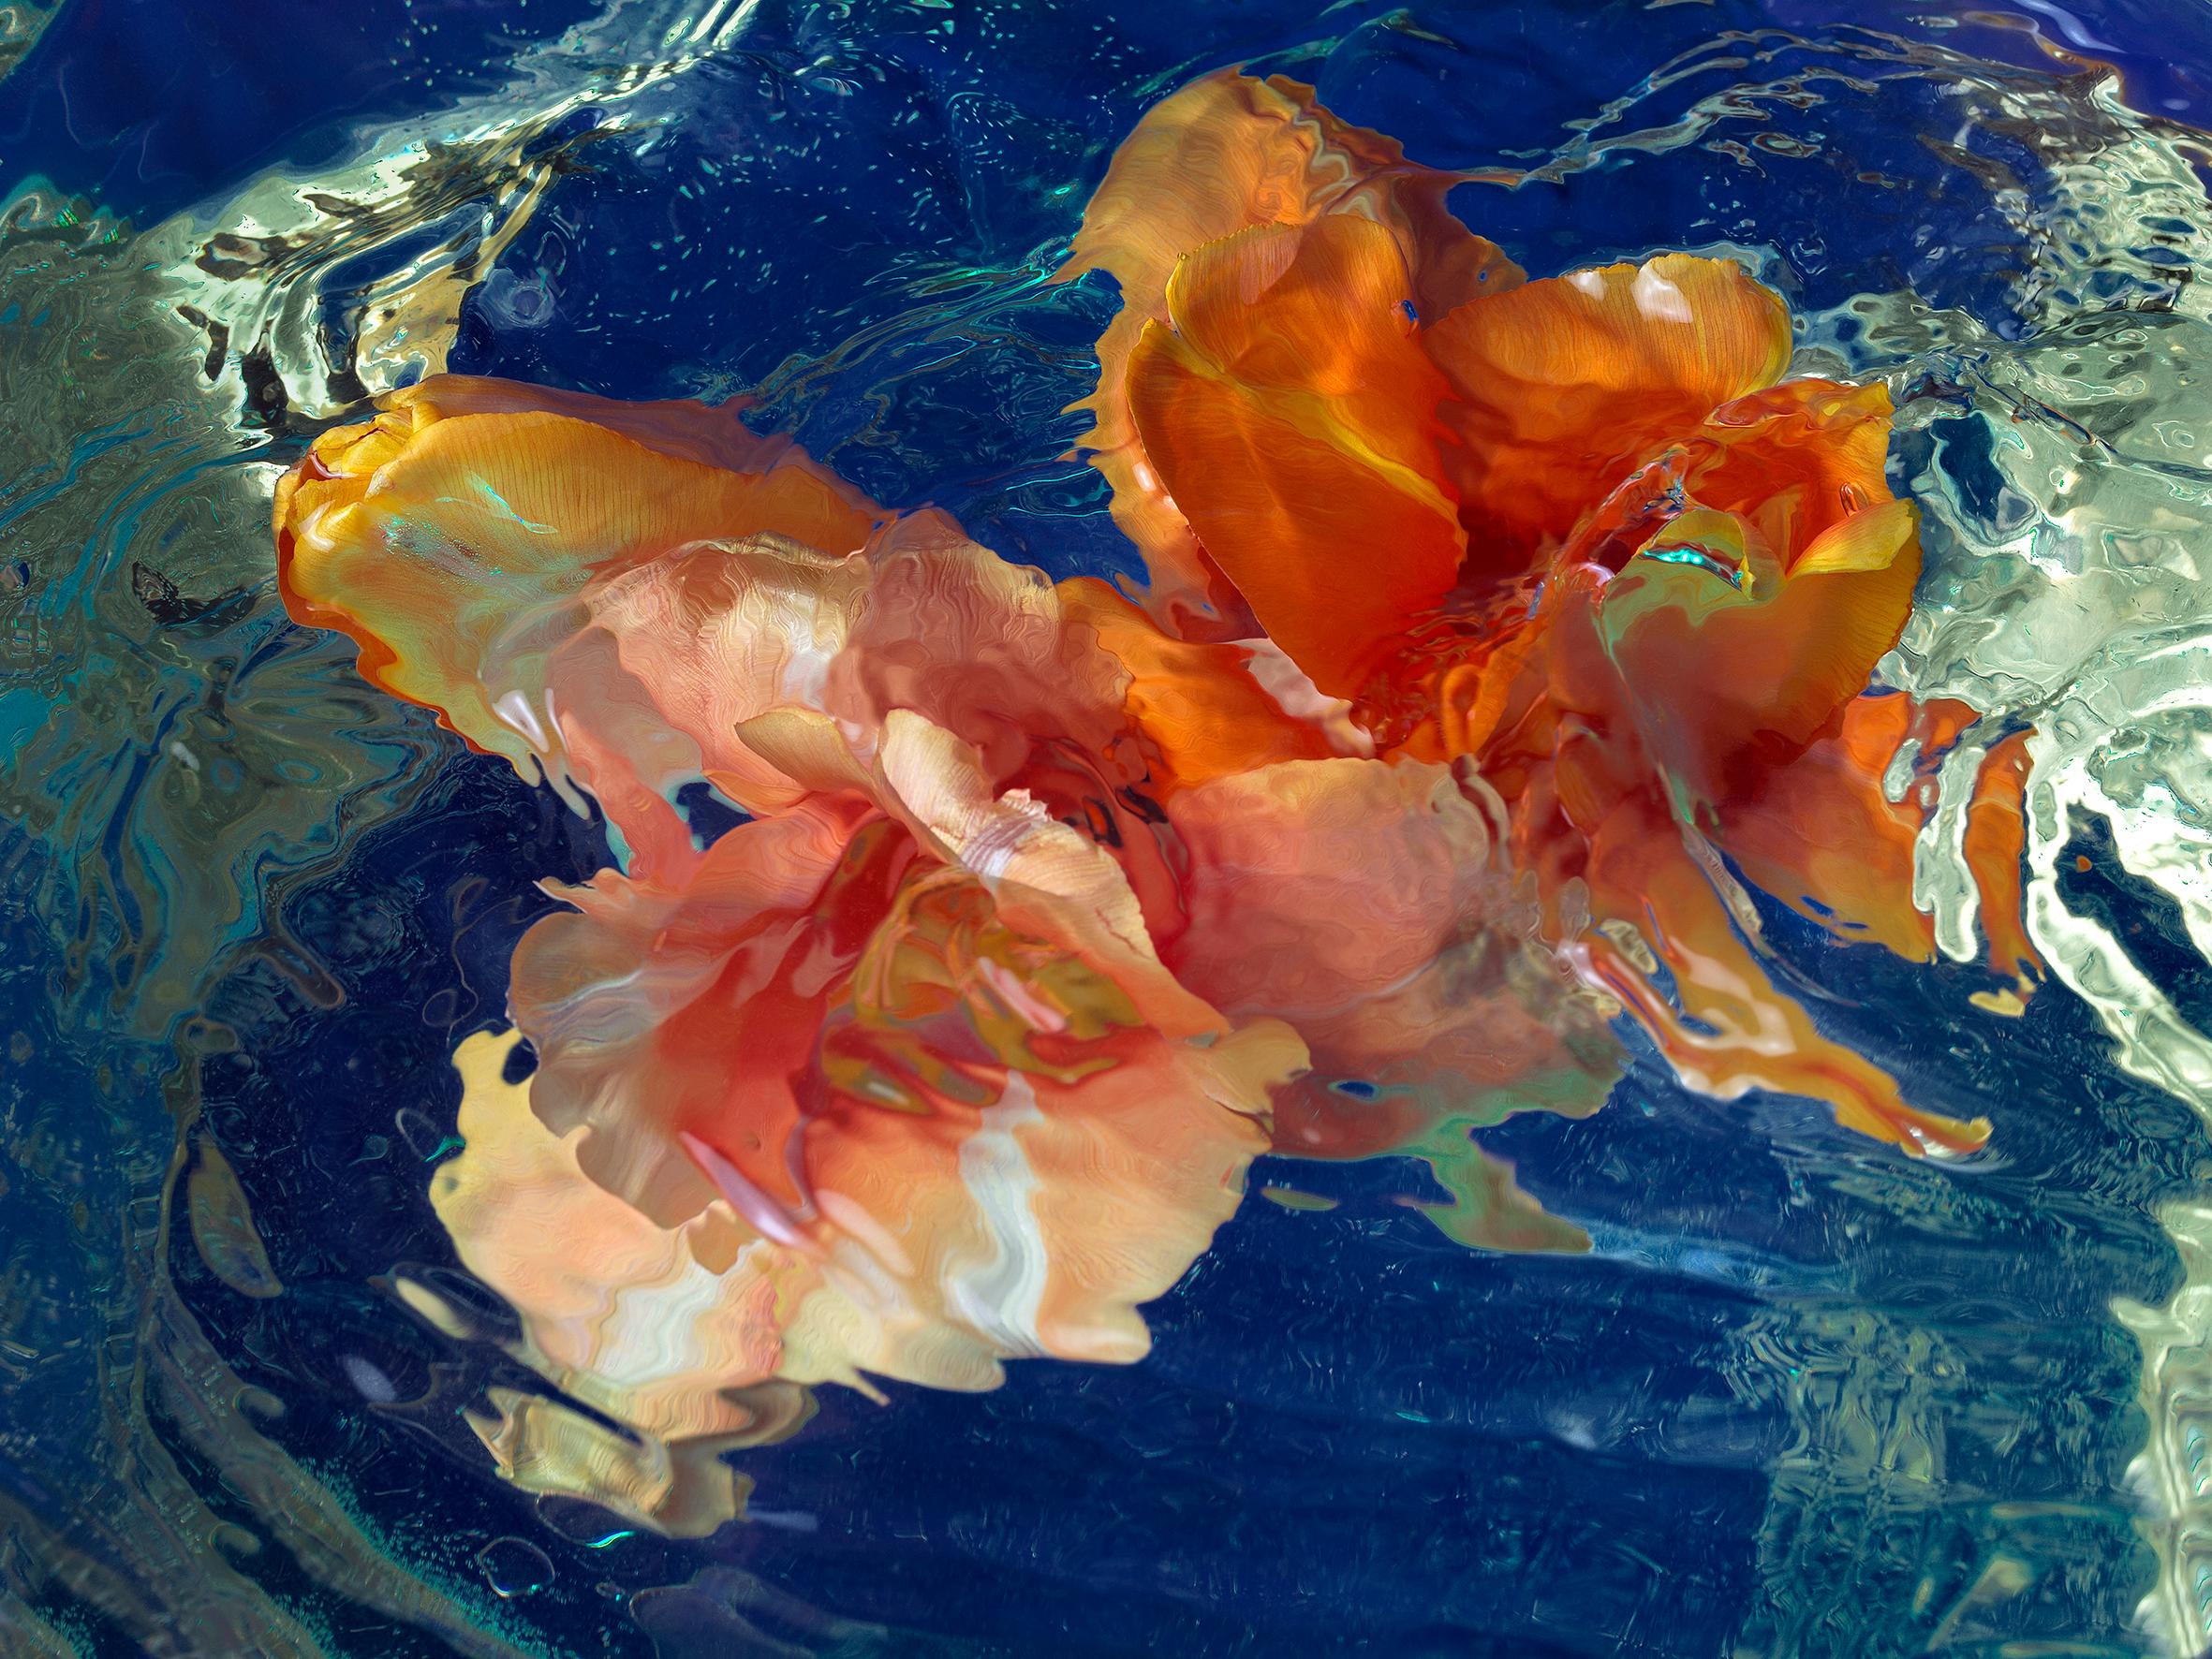 Blossom | Tulpen Blumenmeer | Anna Halm Schudel